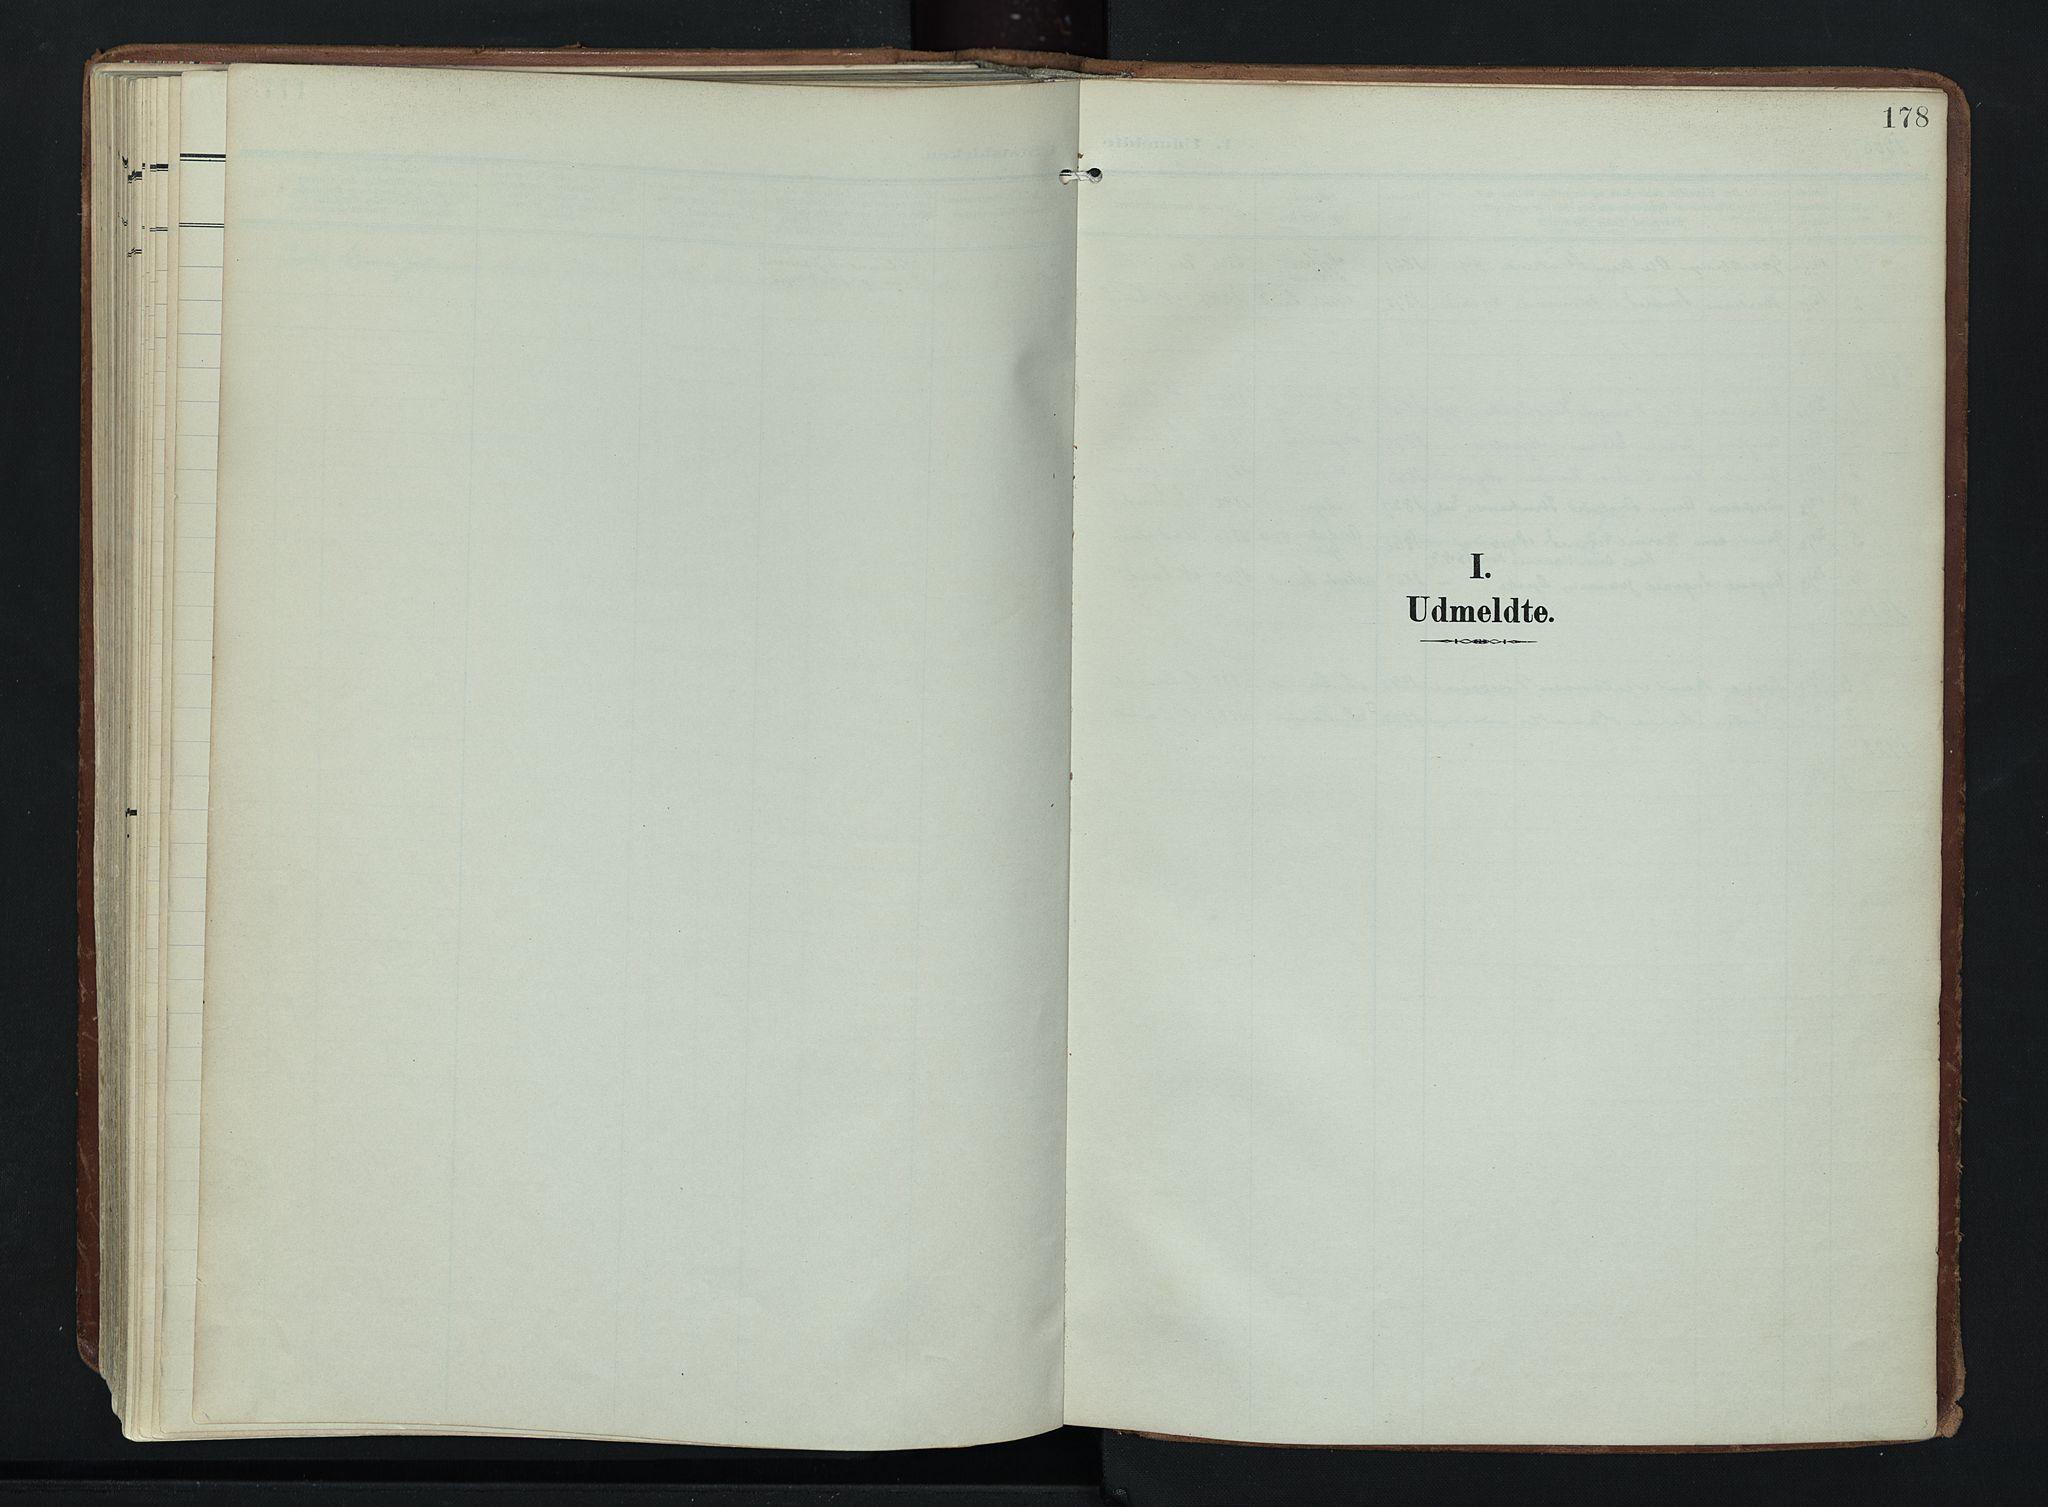 SAH, Søndre Land prestekontor, K/L0007: Ministerialbok nr. 7, 1905-1914, s. 178